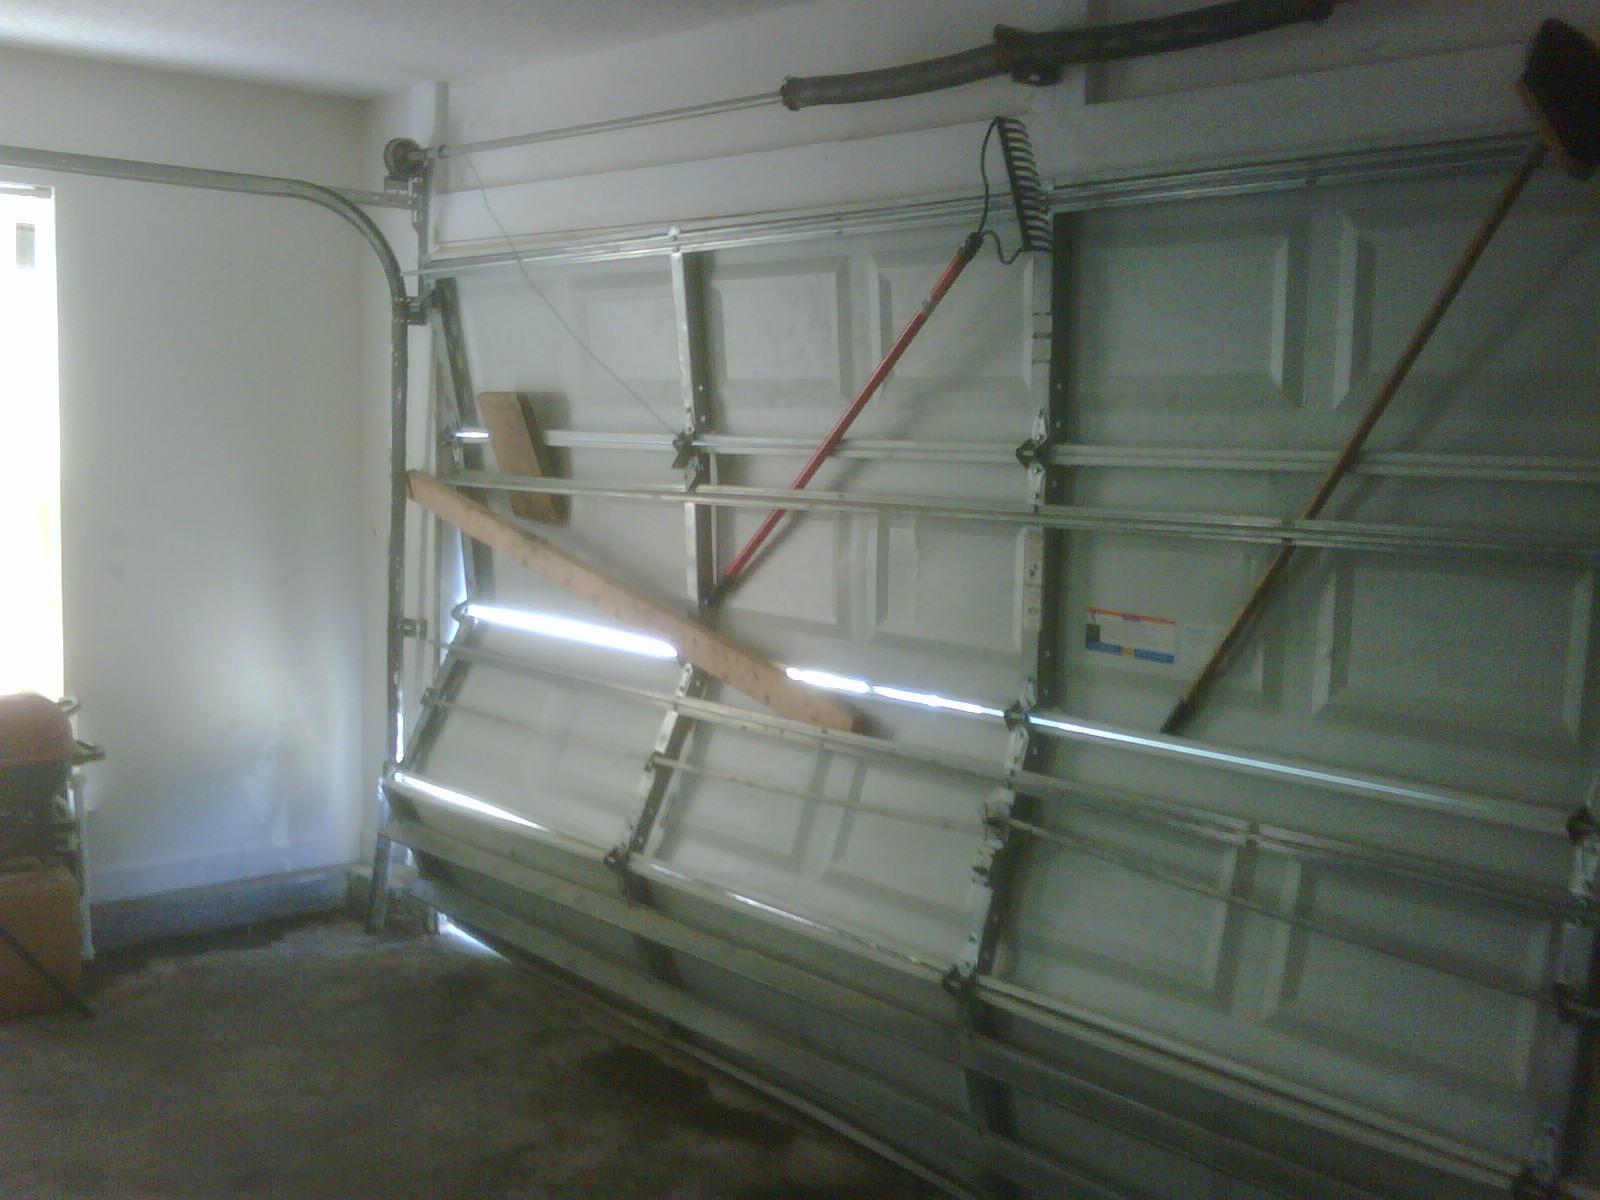 614b43 charlotte garage doors u0026 openers sales service and repairs garage door opener difficulty